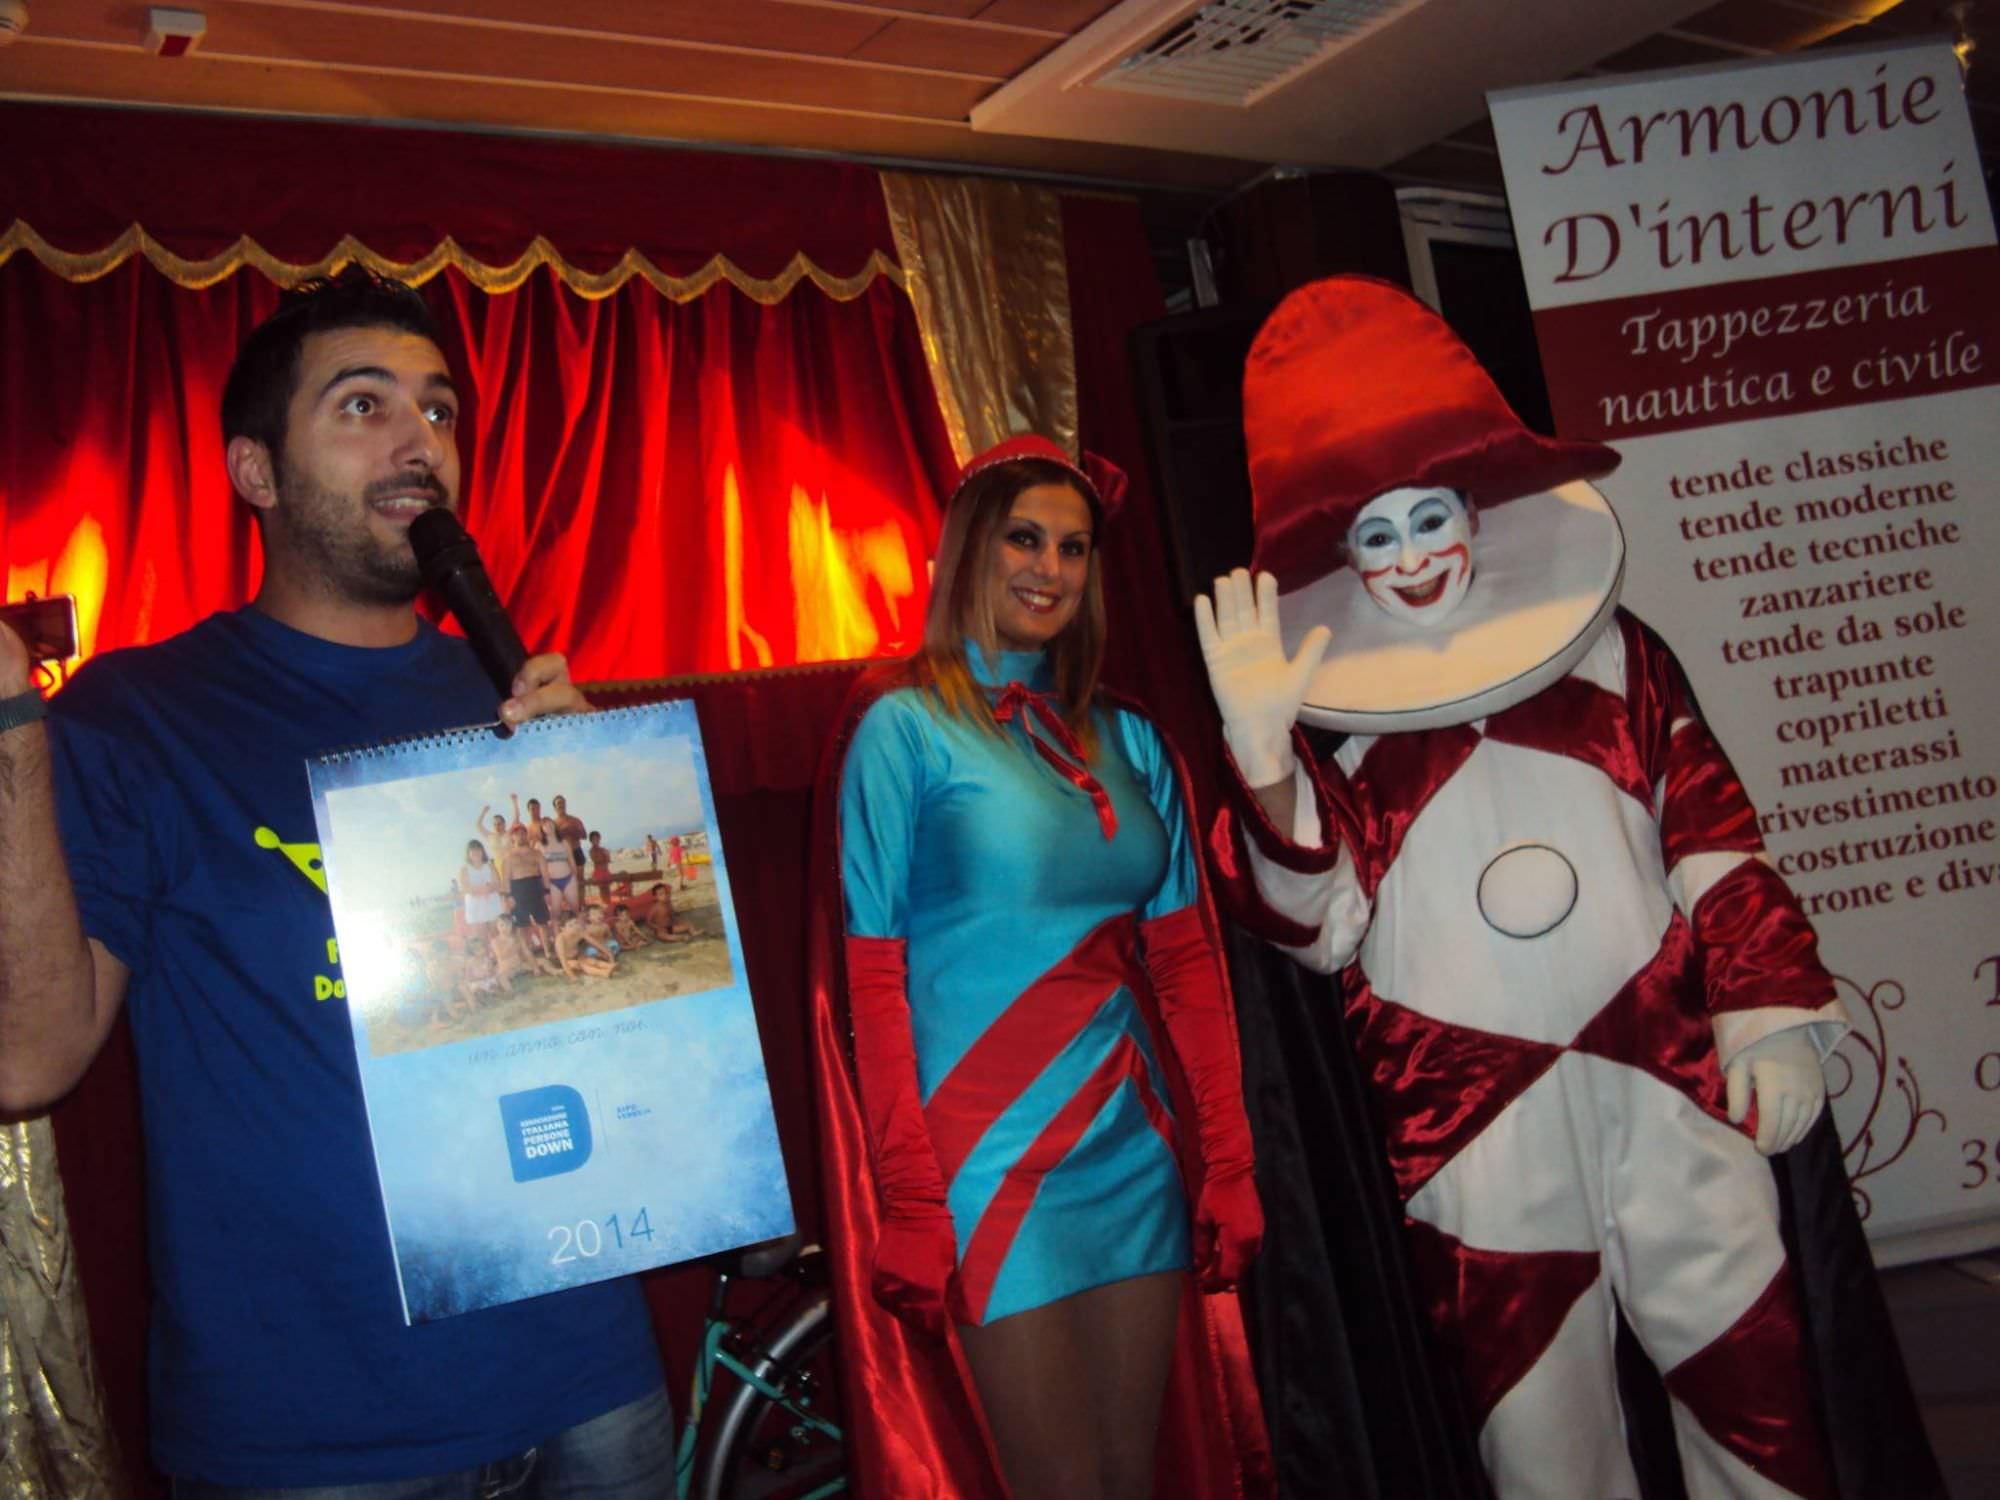 Grande festa al Balena per la presentazione del calendario 2014 di Aipd